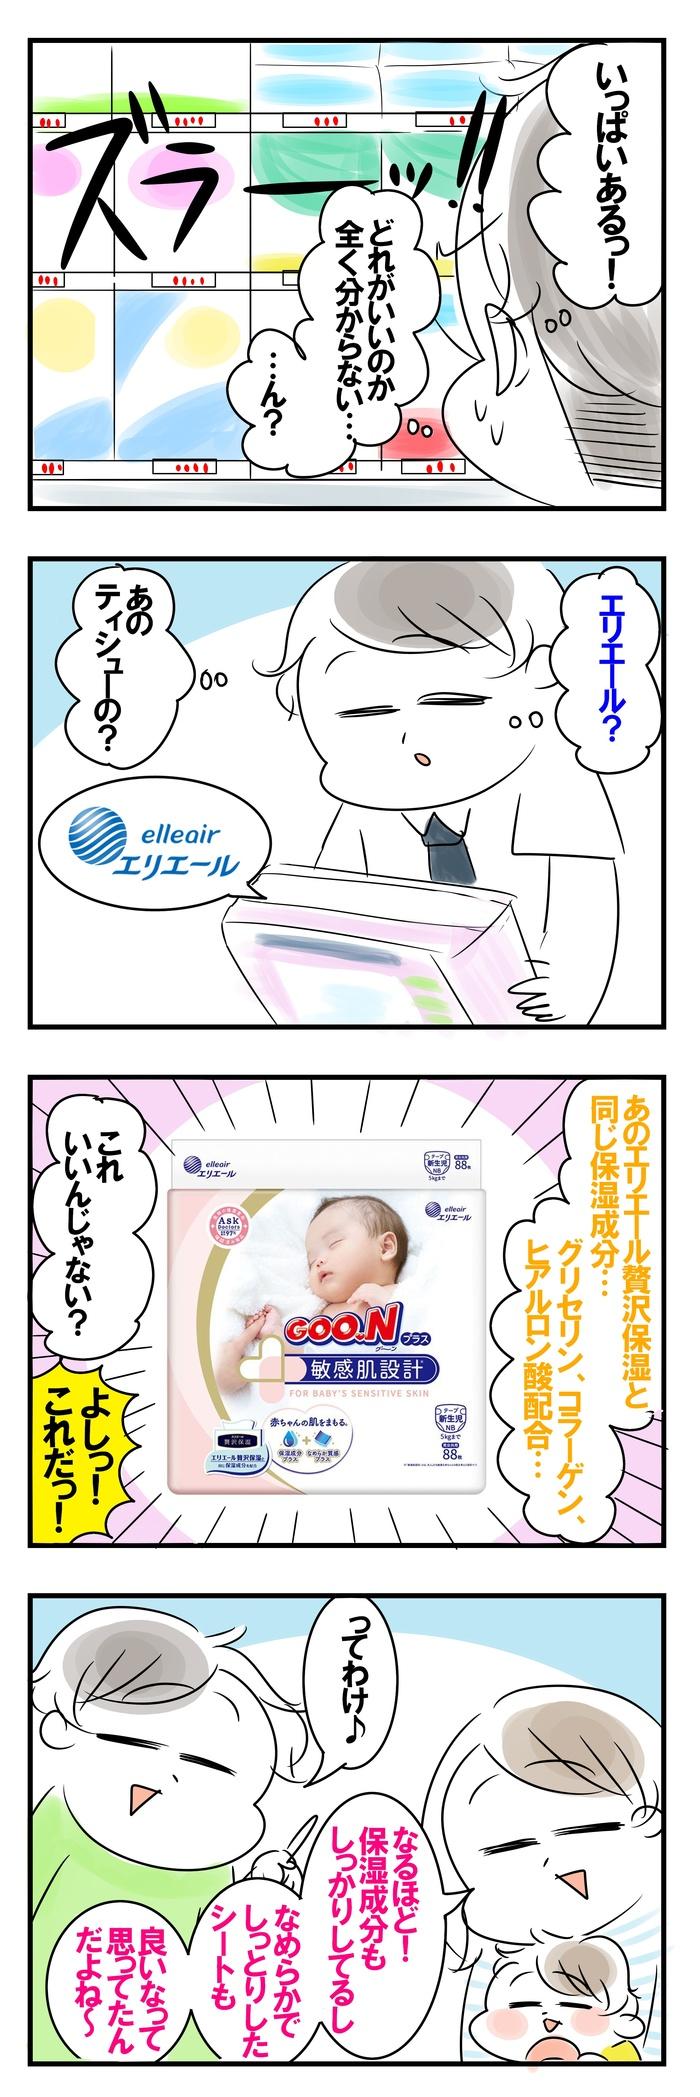 エリエール贅沢保湿と同じ保湿成分配合のおむつで、赤ちゃんのお肌を守ろう!の画像16